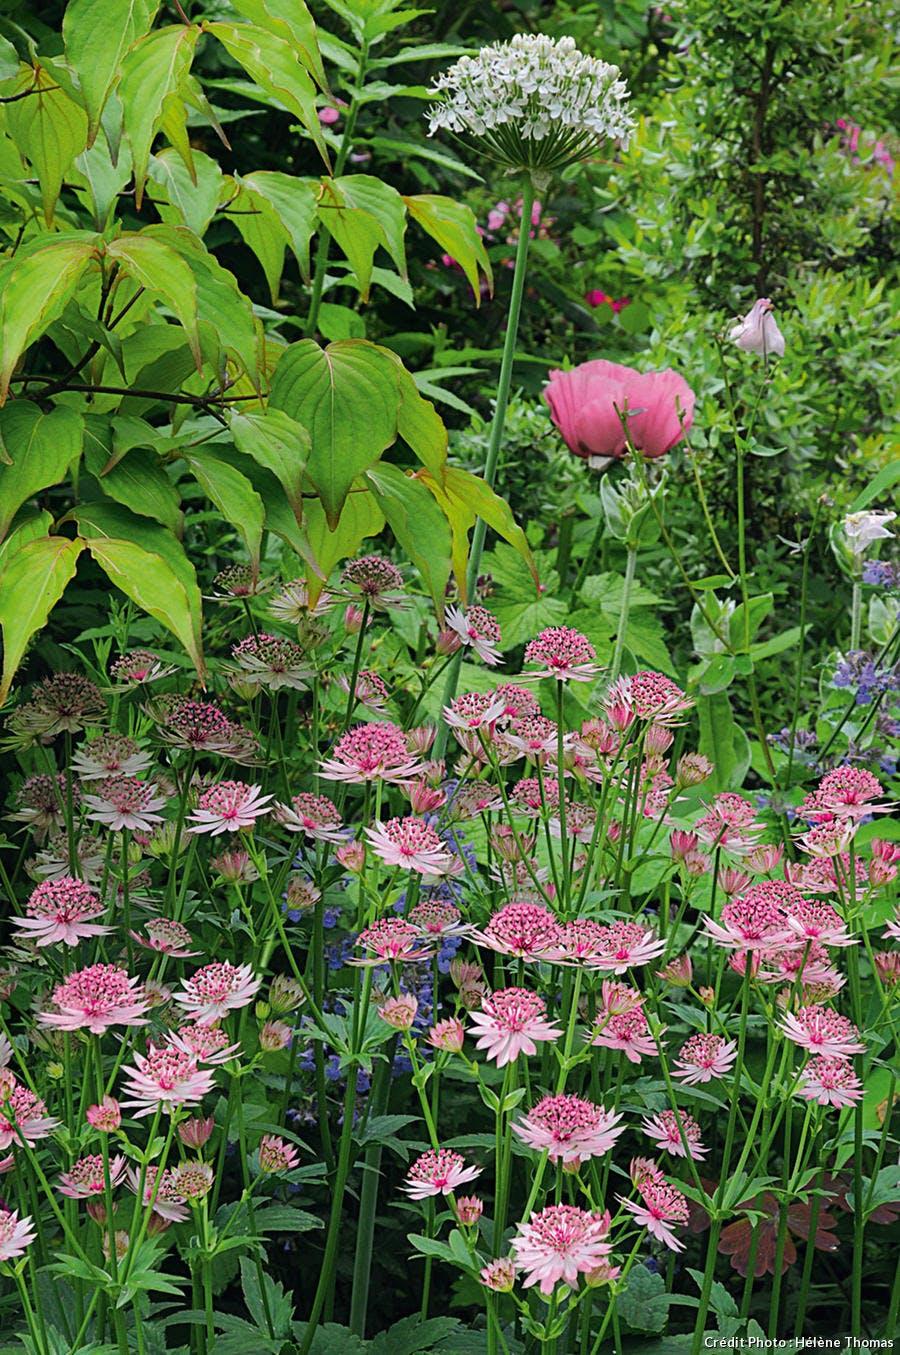 l'Allium nigrum et pavot 'Patty's Plum'